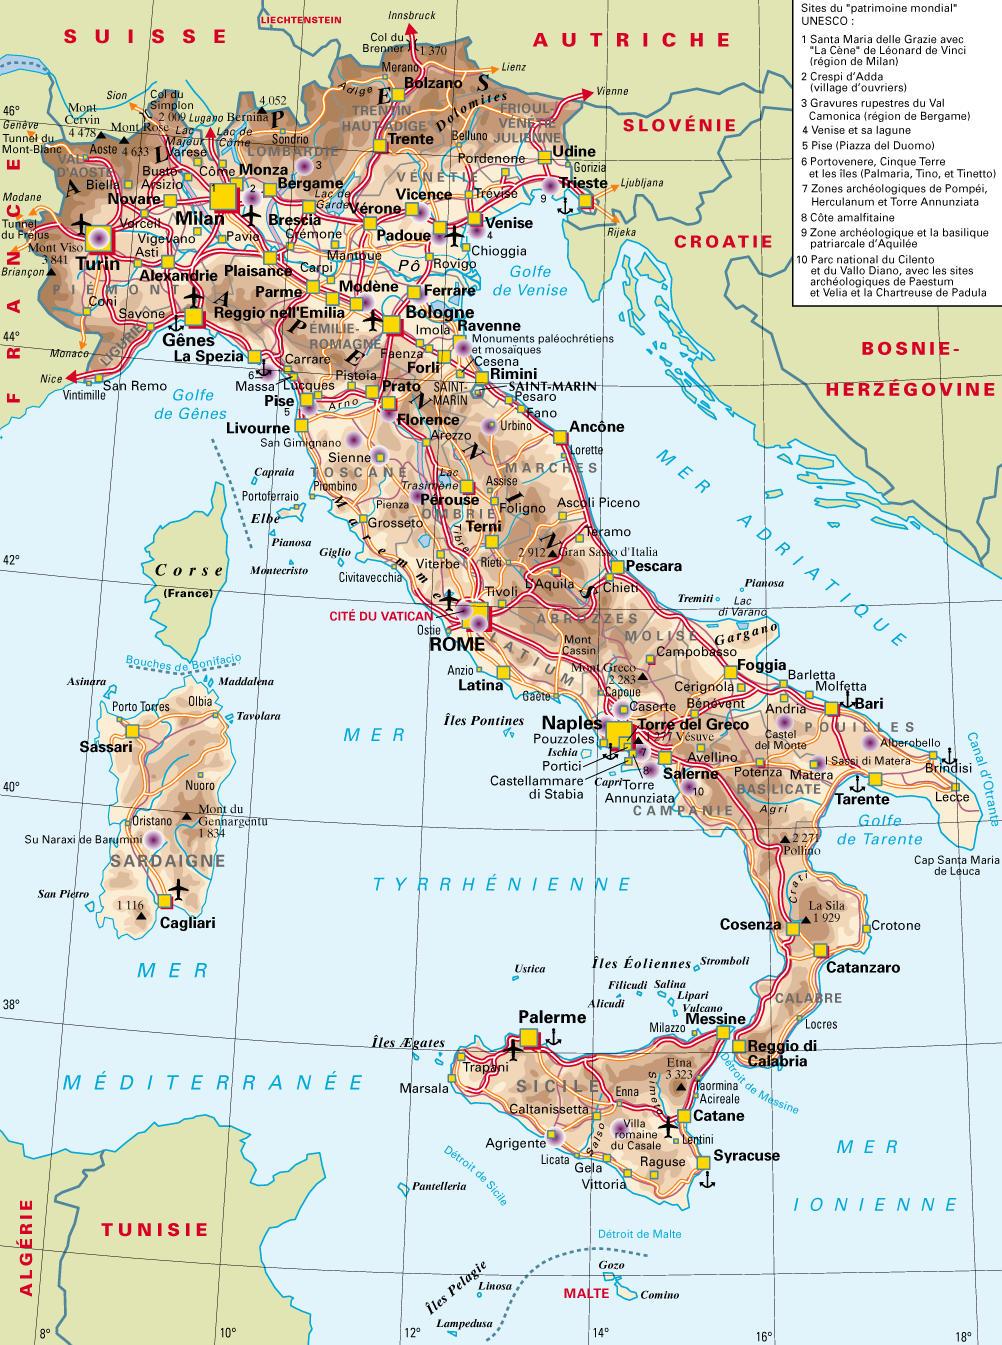 Carte des villes italie